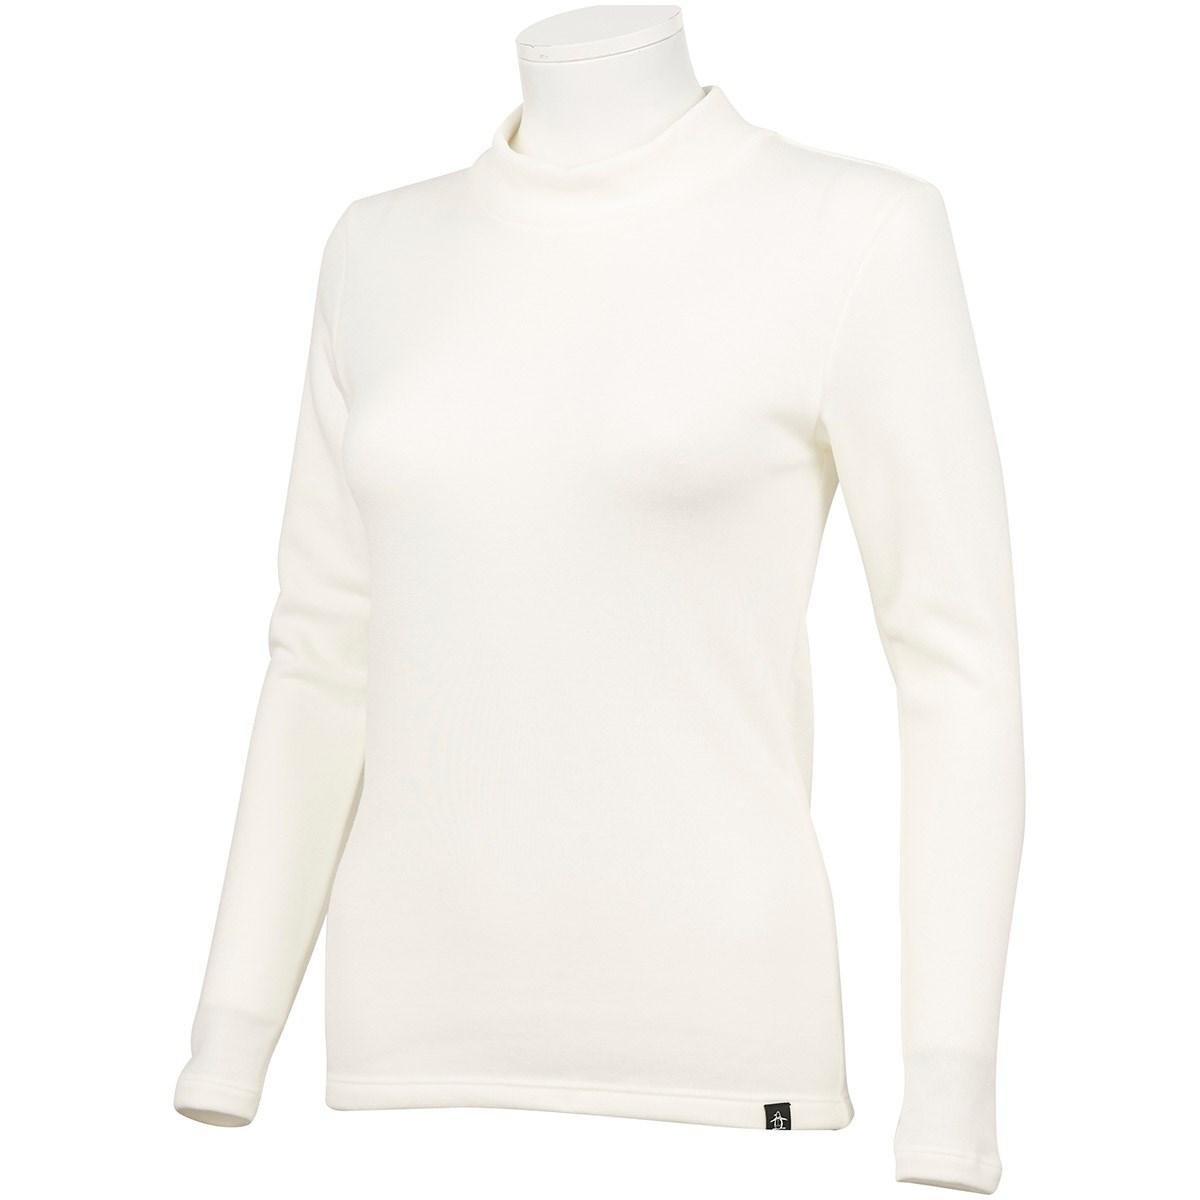 マンシングウェア Munsingwear 長袖アンダーウェア M ホワイト 00 レディス